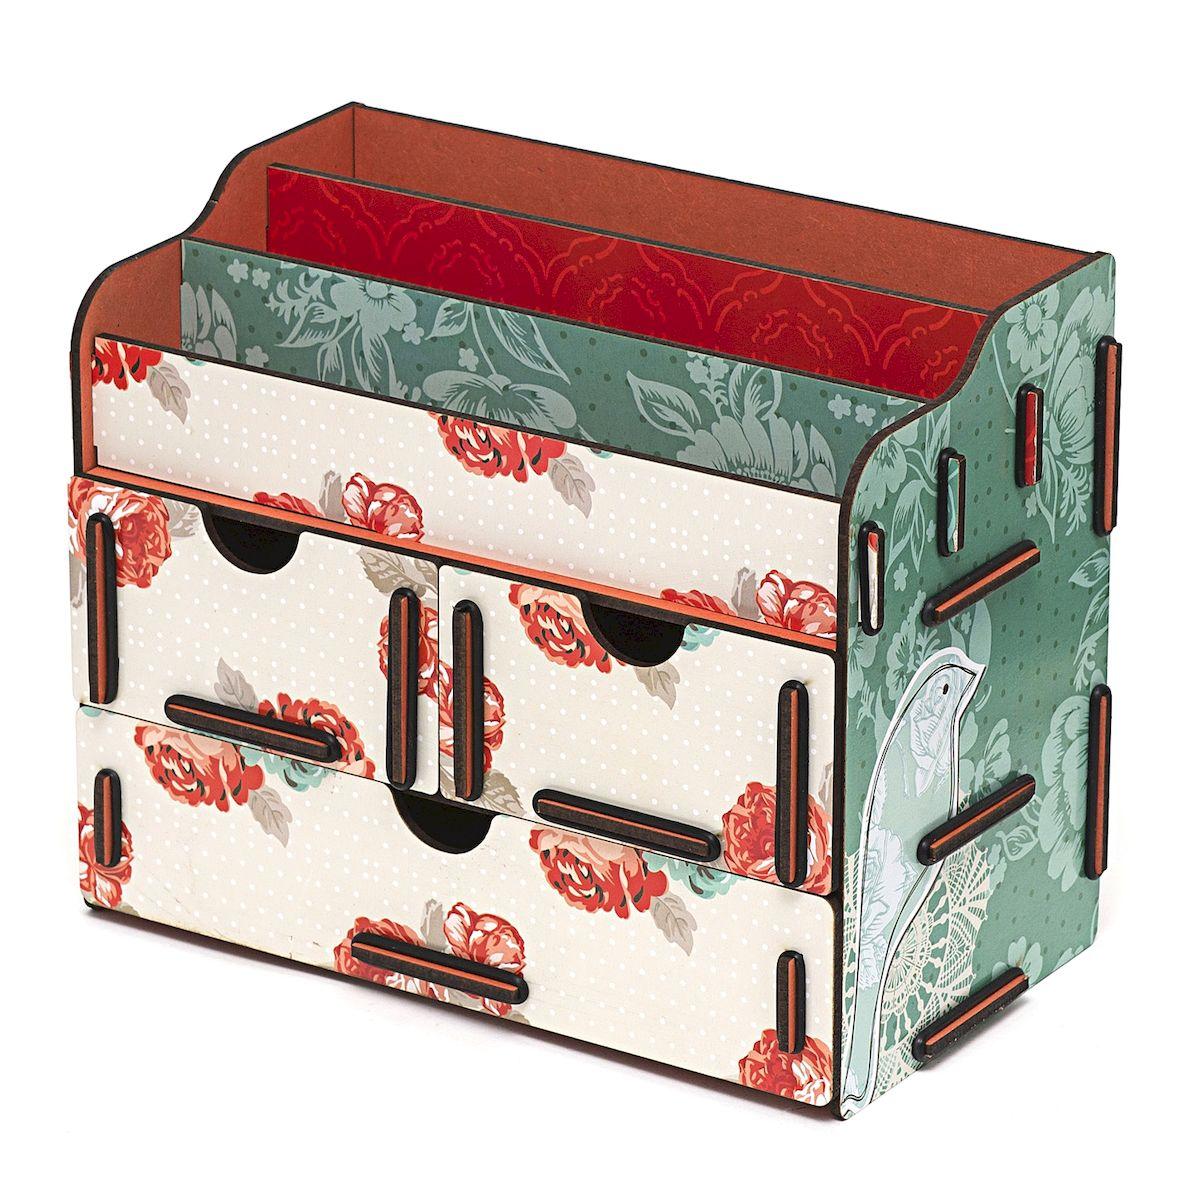 Органайзер для косметики и украшений Homsu Цветы, 24 x 14 x 19 смHOM-337Настольный органайзер Homsu Цветы выполнен из МДФ и собирается из съемных деталей. Изделие подходит для косметики и украшений. Органайзер имеет 3 выдвижных ящичка и 3 секции для хранения косметики, парфюмерии и аксессуаров, его можно поставить на столе, он станет отличным дополнением интерьера. Изделие позволяет разместить все самое необходимое для женщины и всегда иметь это под рукой. Размер малого ящика: 11 х 14,5 см. Размер большого ящика: 22 х 14,5 см.